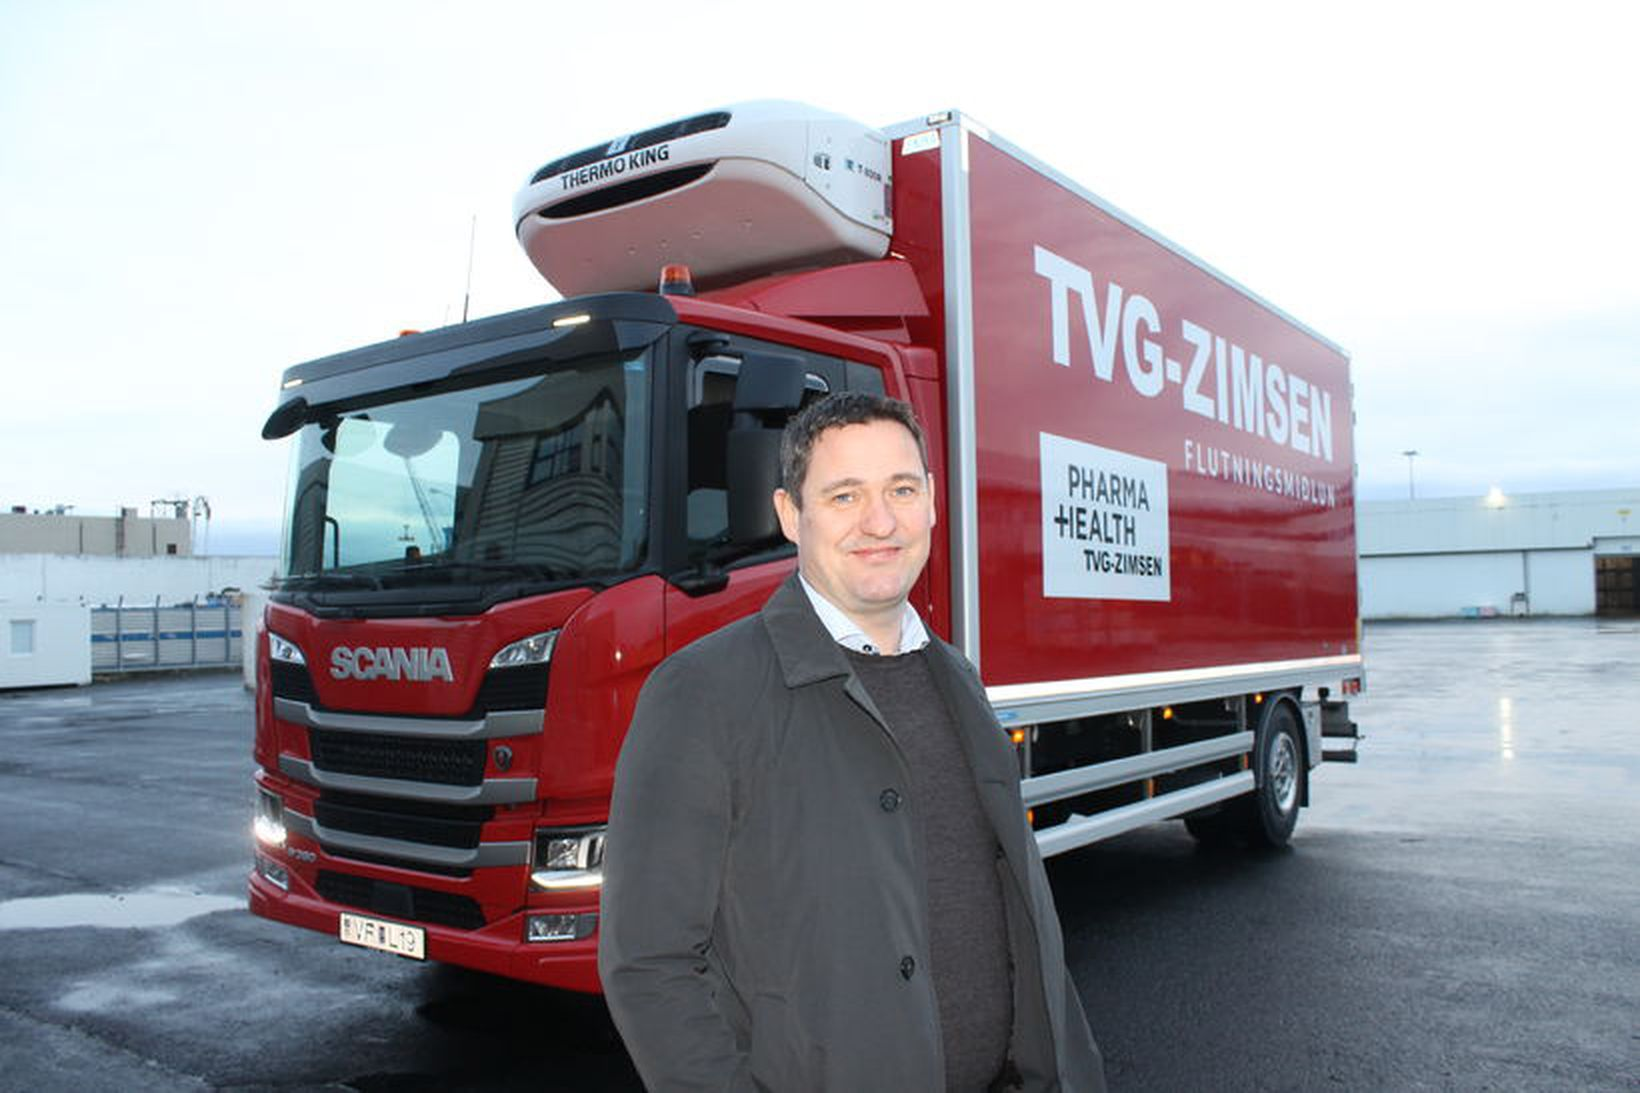 Andrés Björnsson, faglegur forstöðumaður PharmaHealth hjá TVG-Zimsen, við nýja bílinn.